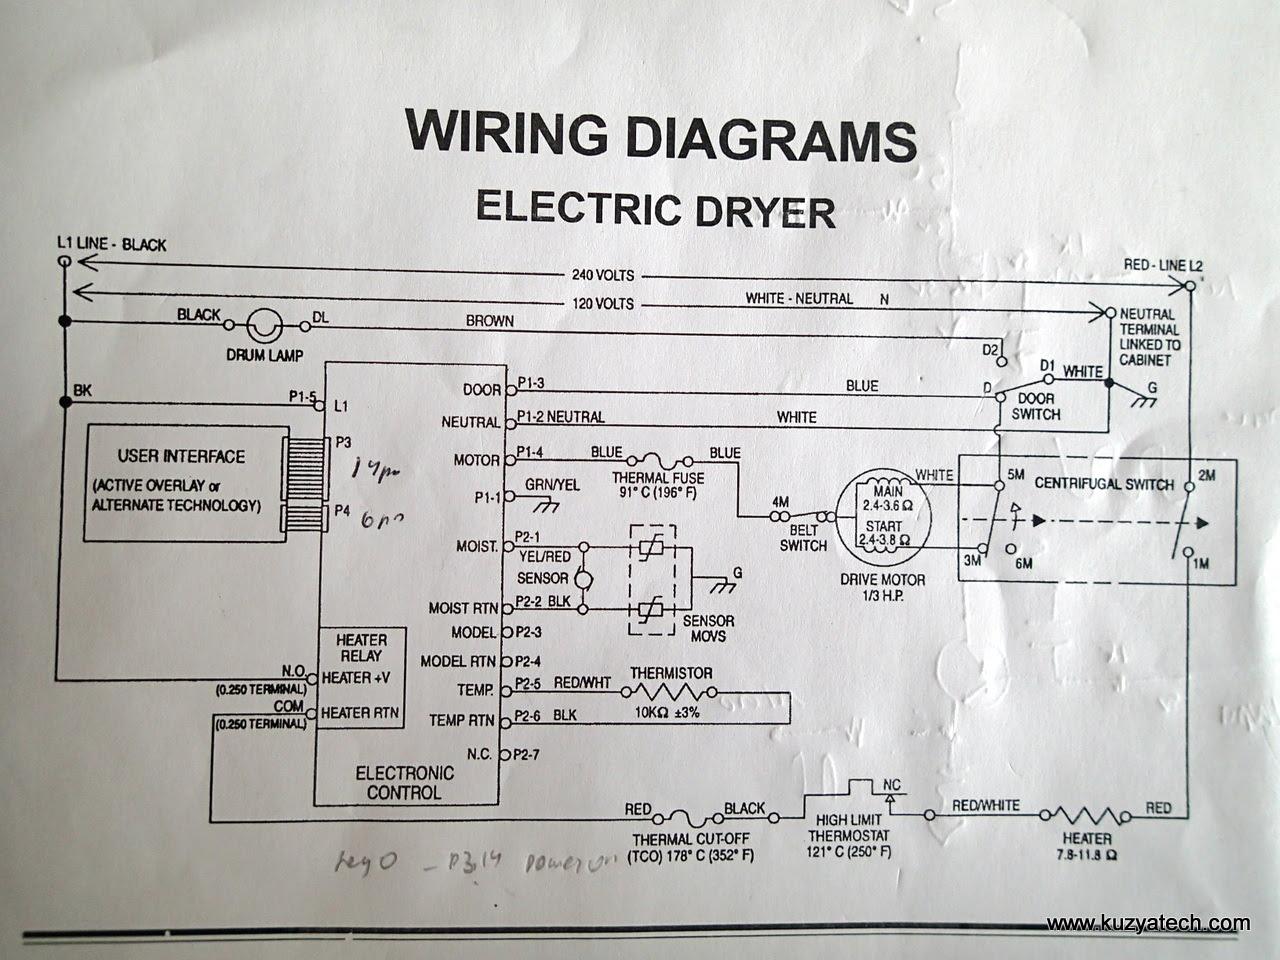 Dryer Schematic Wiring Diagram Wiring Diagram Nut Explorer A Nut Explorer A Pmov2019 It